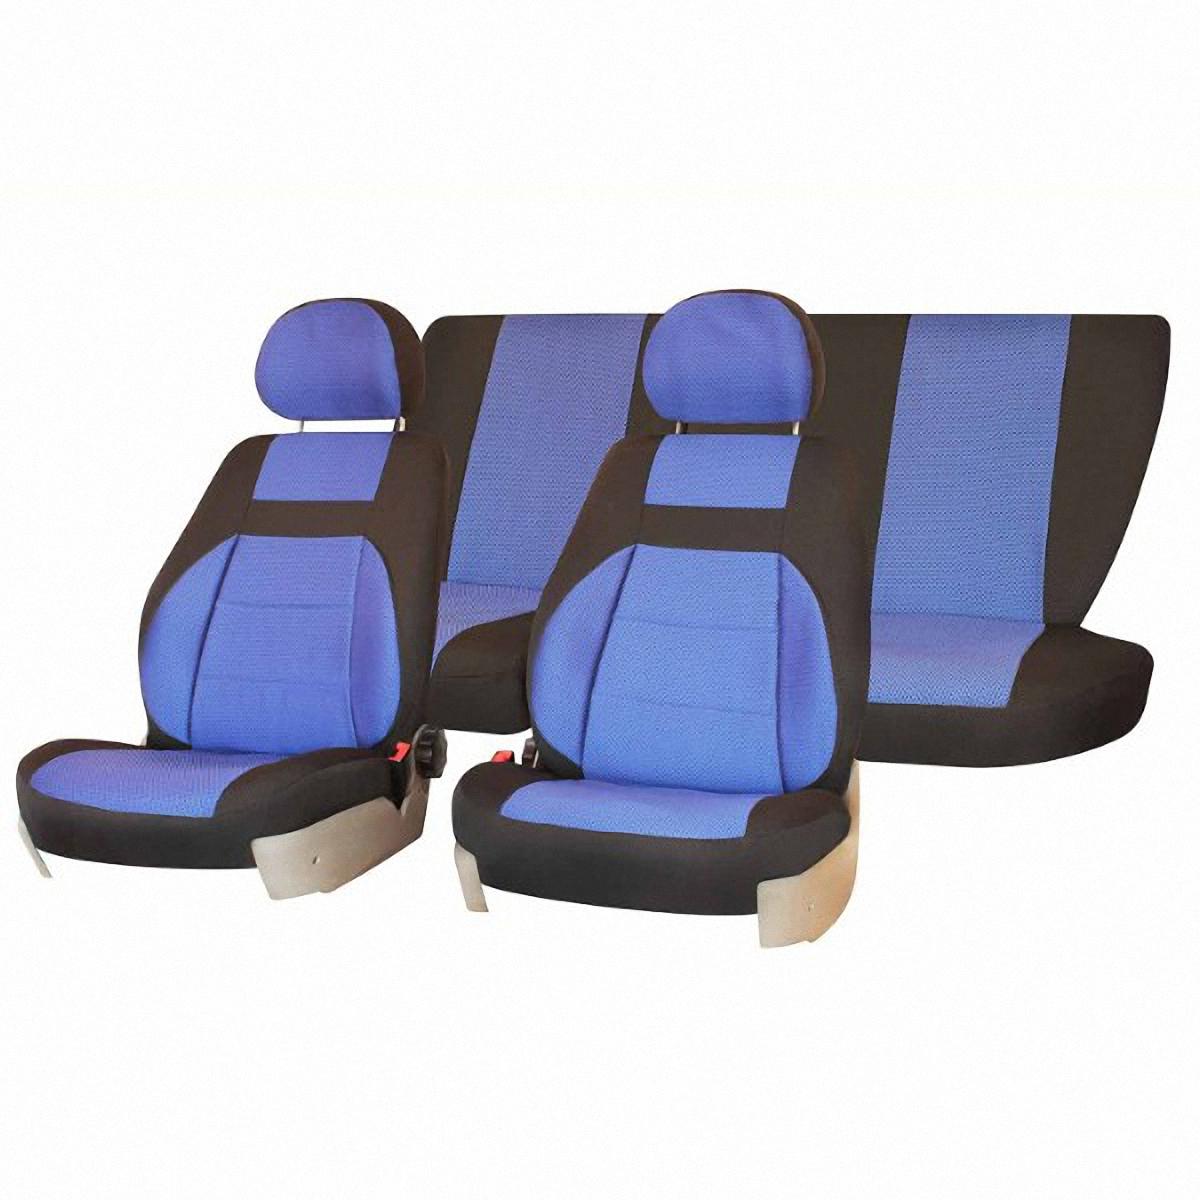 Чехлы автомобильные Skyway, для ВАЗ-2109/21099, цвет: синийV007-D4Автомобильные чехлы Skyway изготовлены из качественного жаккарда. Чехлы идеально повторяют штатную форму сидений и выглядят как оригинальная обивка сидений. Разработаны индивидуально для каждой модели автомобиля. Авточехлы Skyway просты в уходе - загрязнения легко удаляются влажной тканью. Чехлы имеют раздельную схему надевания. В комплекте 8 предметов.